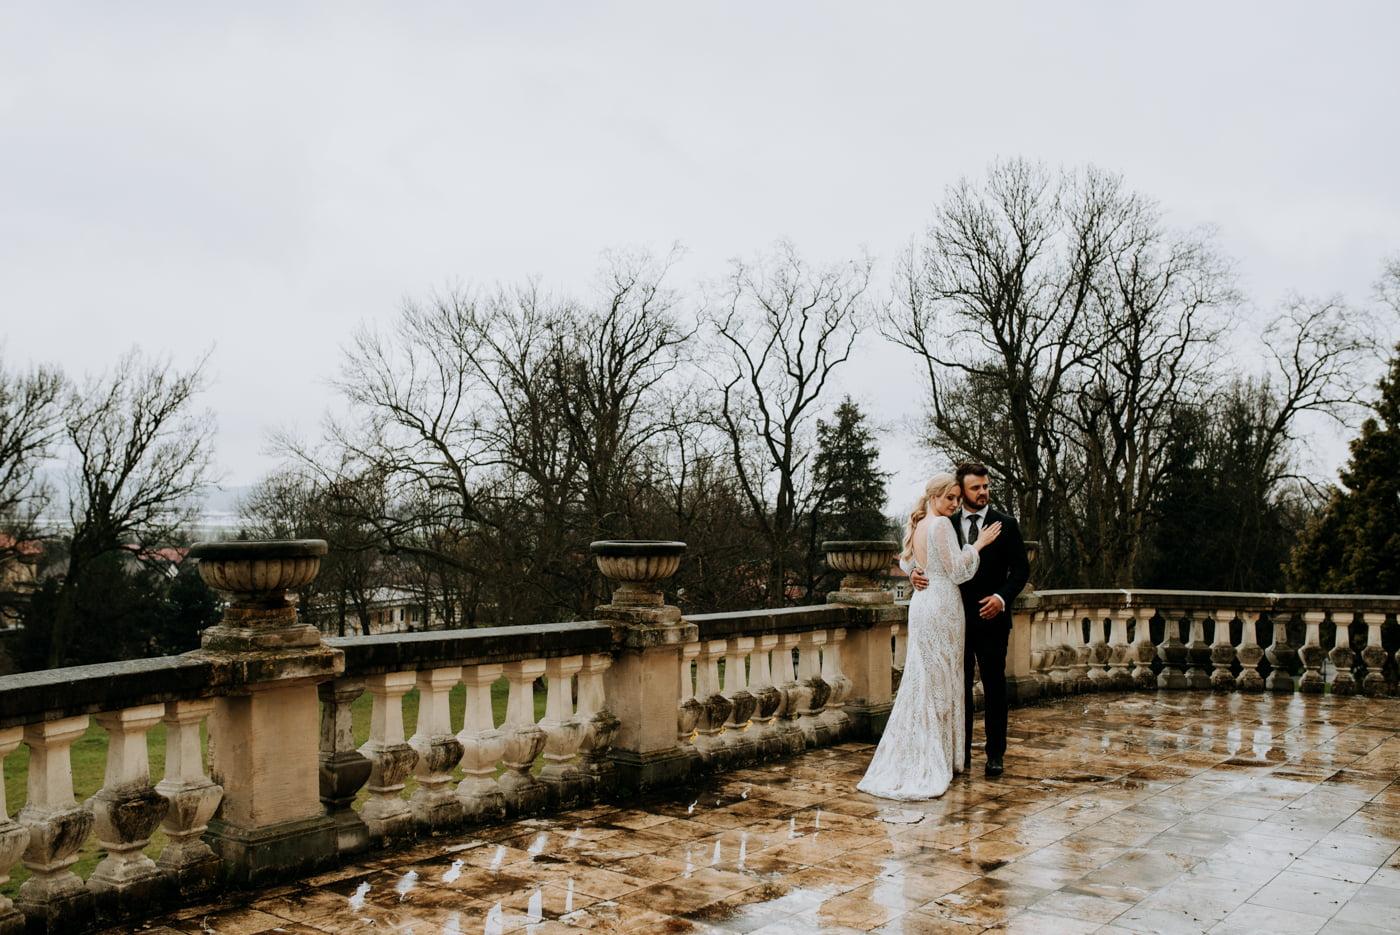 Sesja ślubna w Pałacu- Angelika i Kamil 25